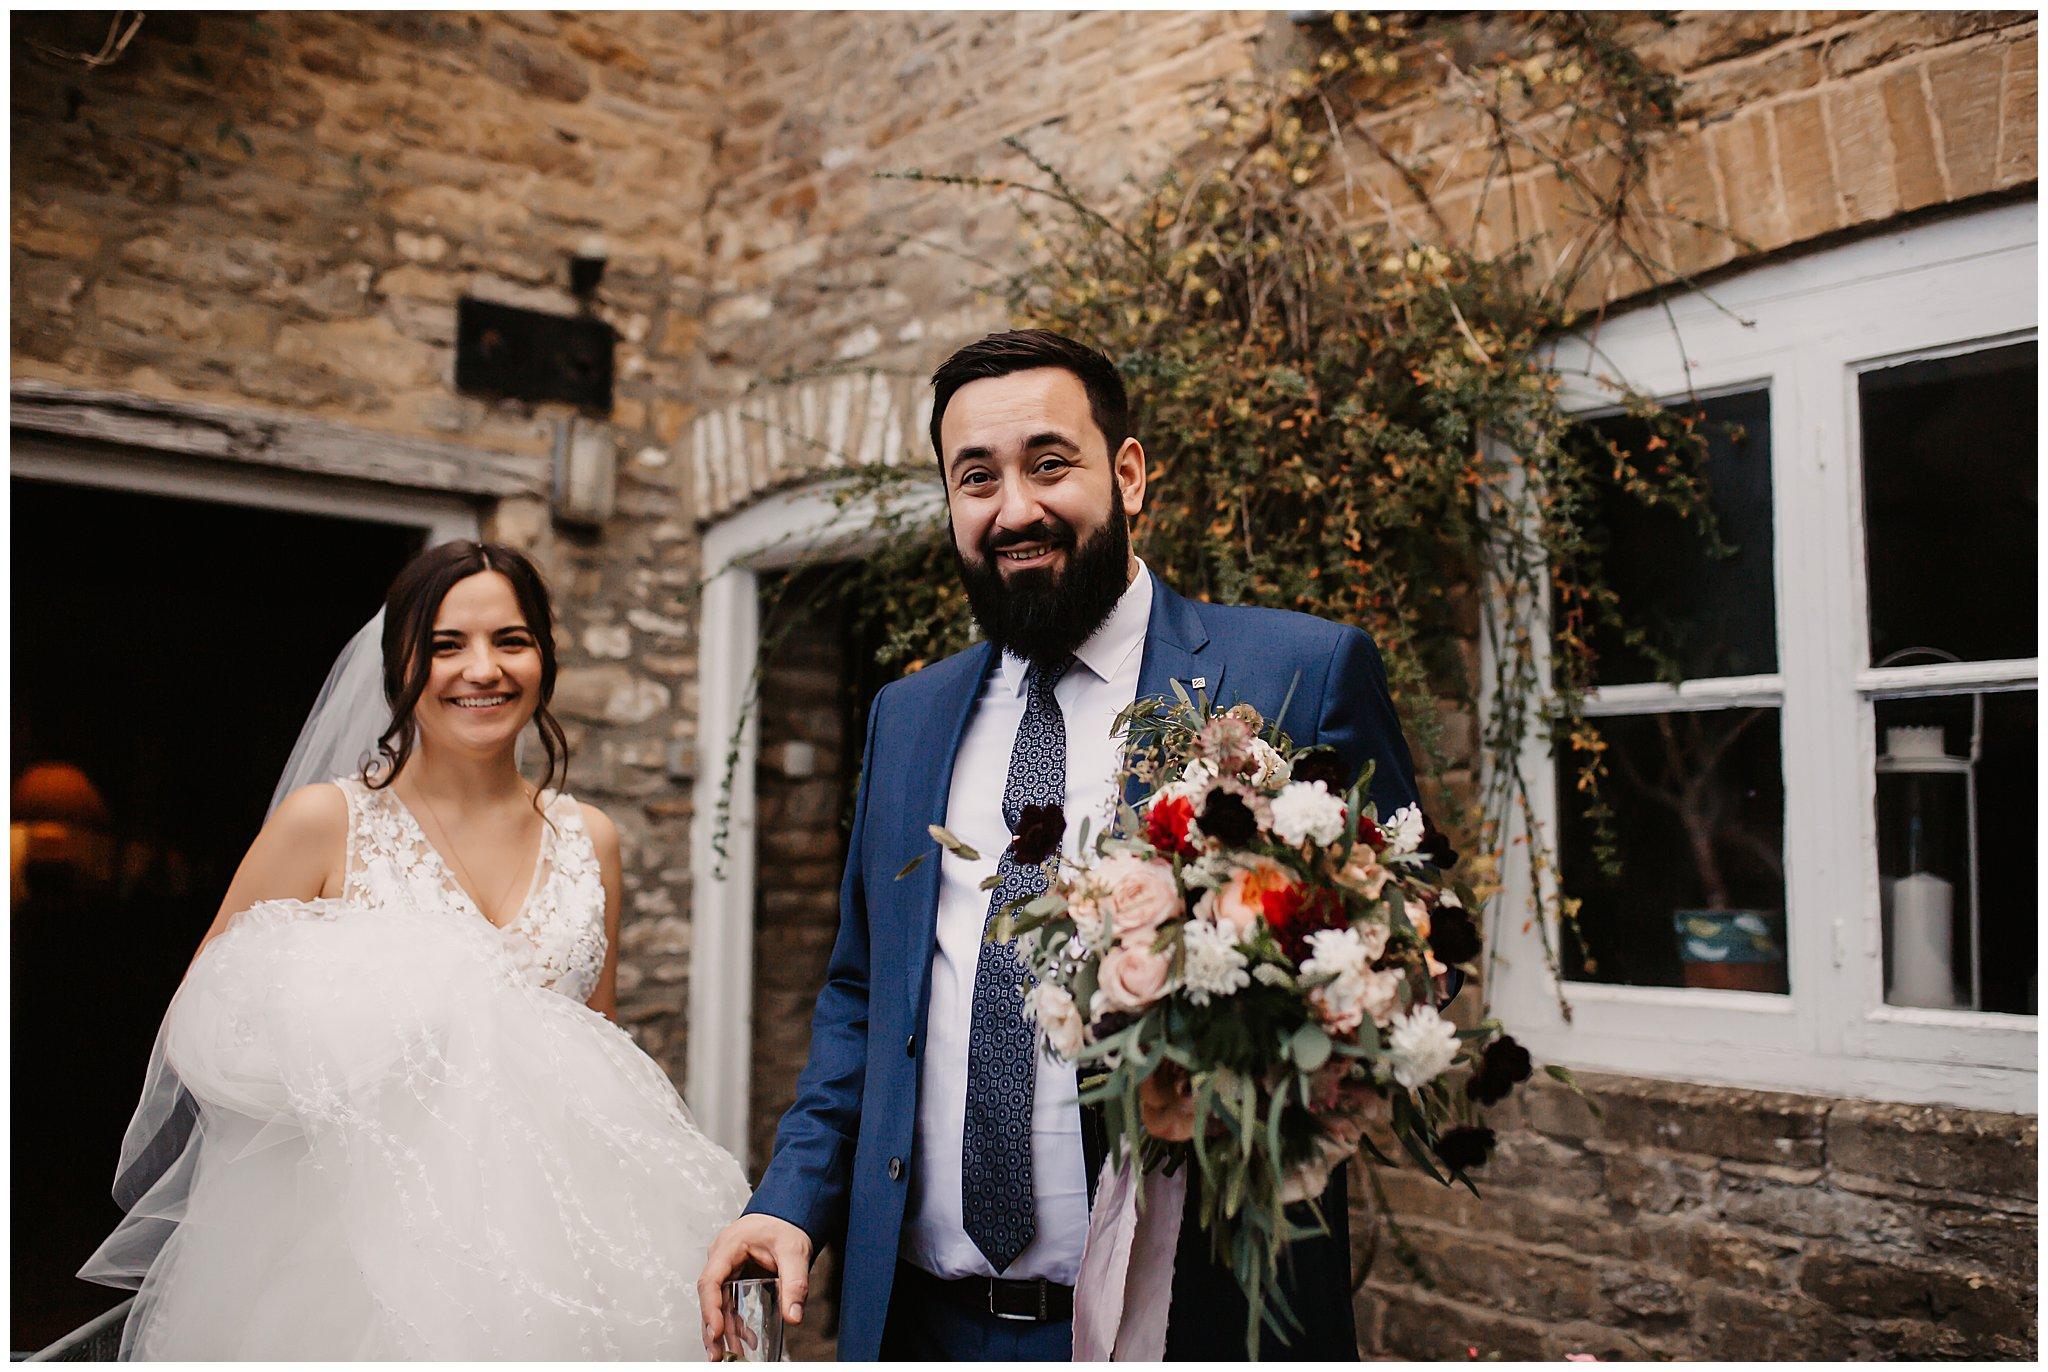 Max & Ksenia Autumnal Wiltshire Wedding-424.jpg